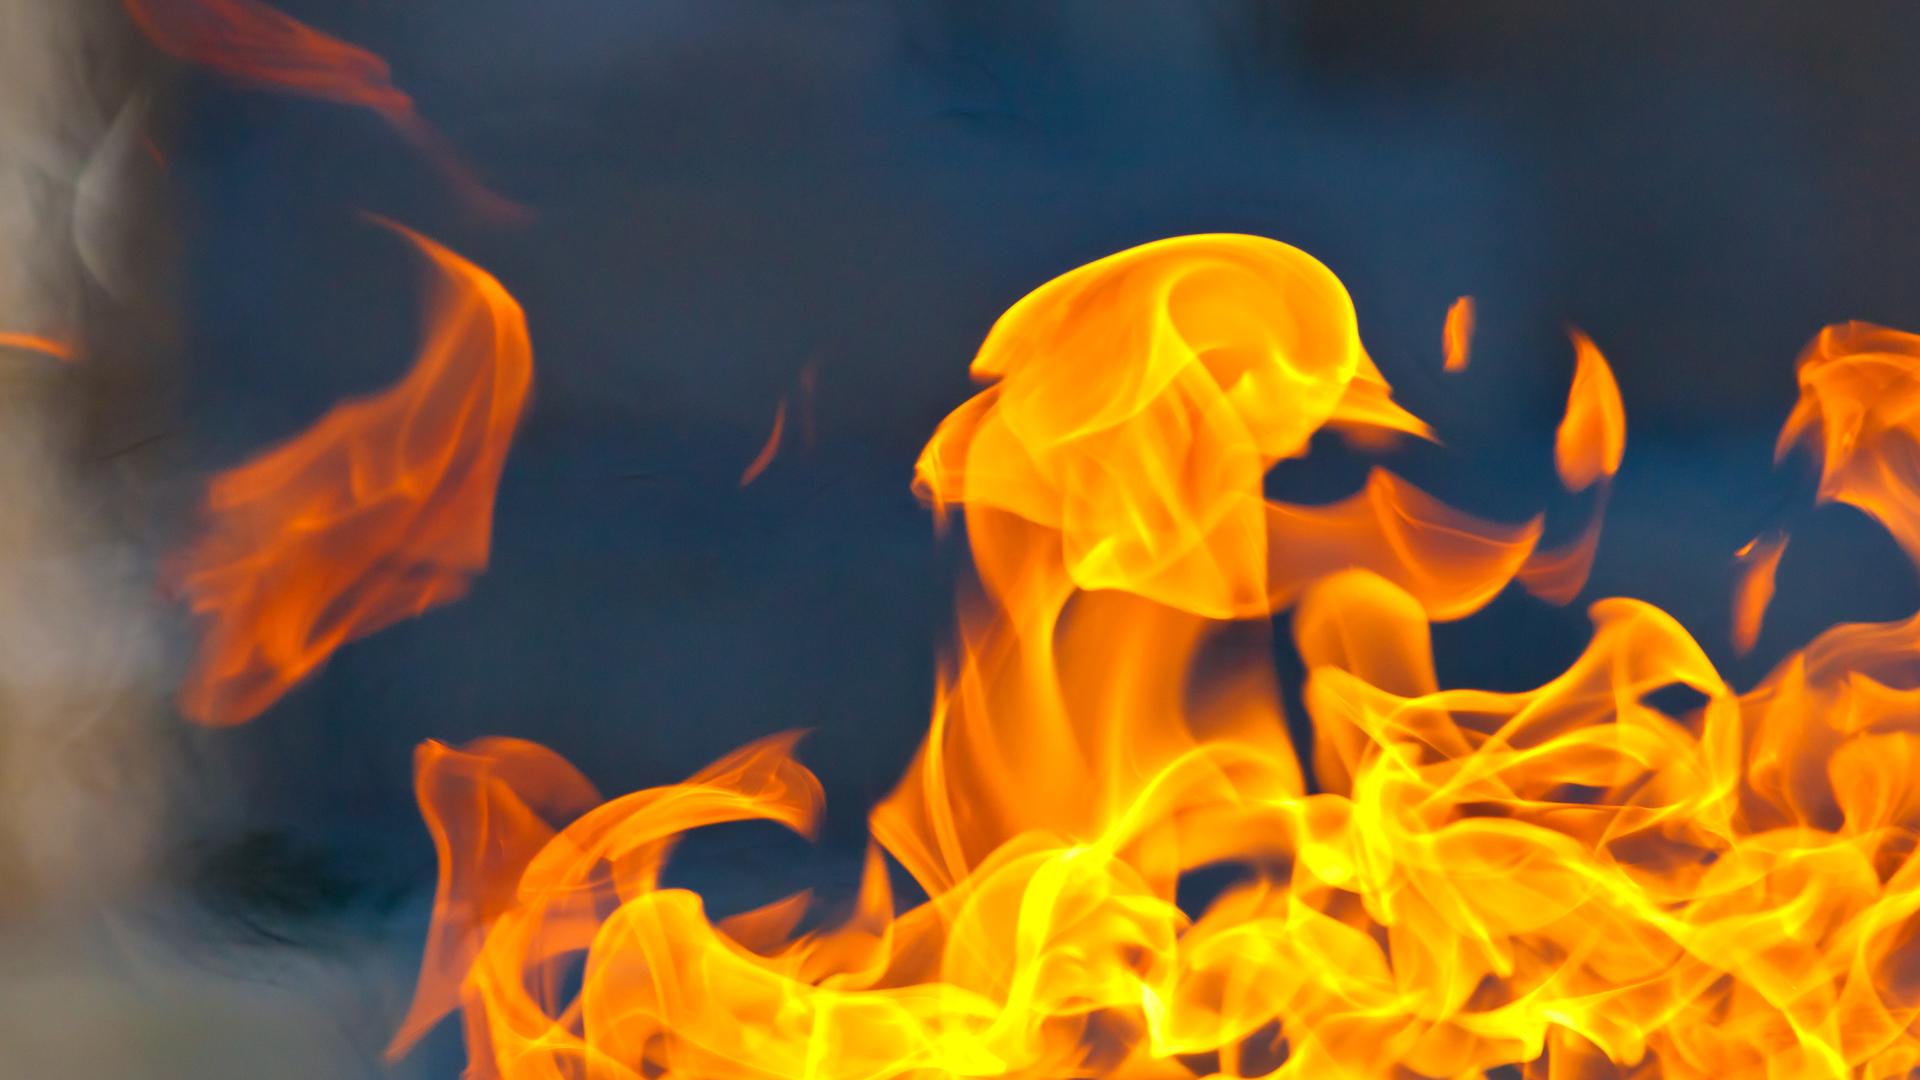 fire_flame.jpg